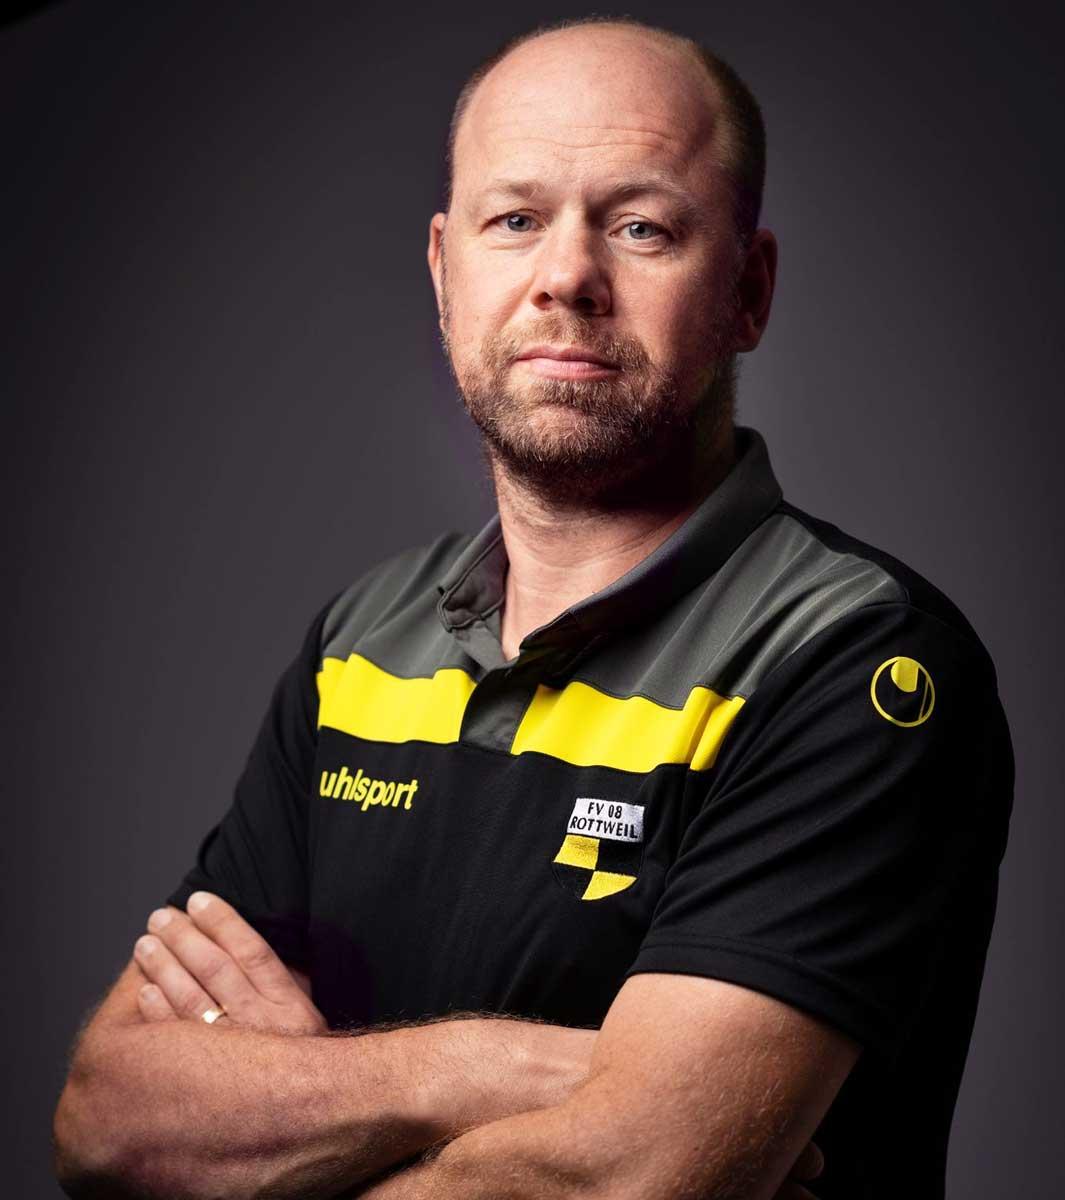 Ralf Volkwein ist seit 100 Tagen Sportlicher Leiter des FV 08 Rottweil. Foto: pm